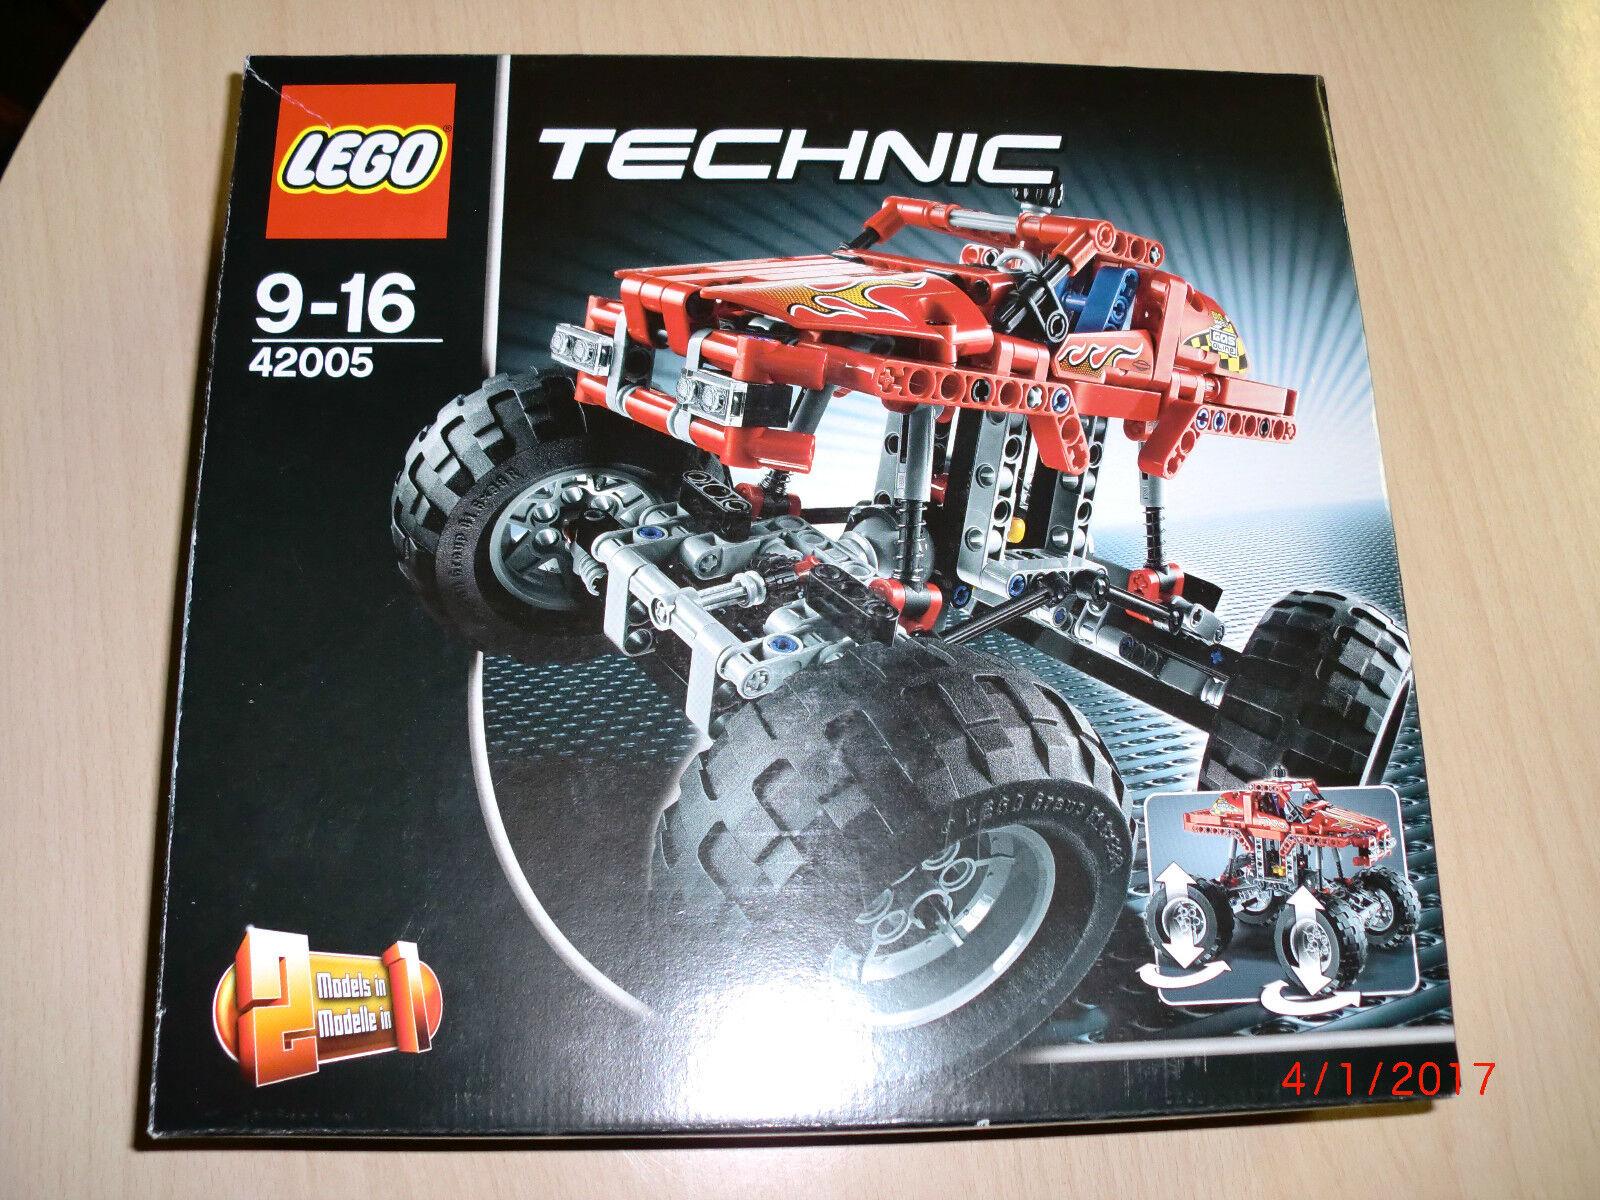 Lego Technic 42005 como nuevo con ba y OVP, Top, ver imágenes